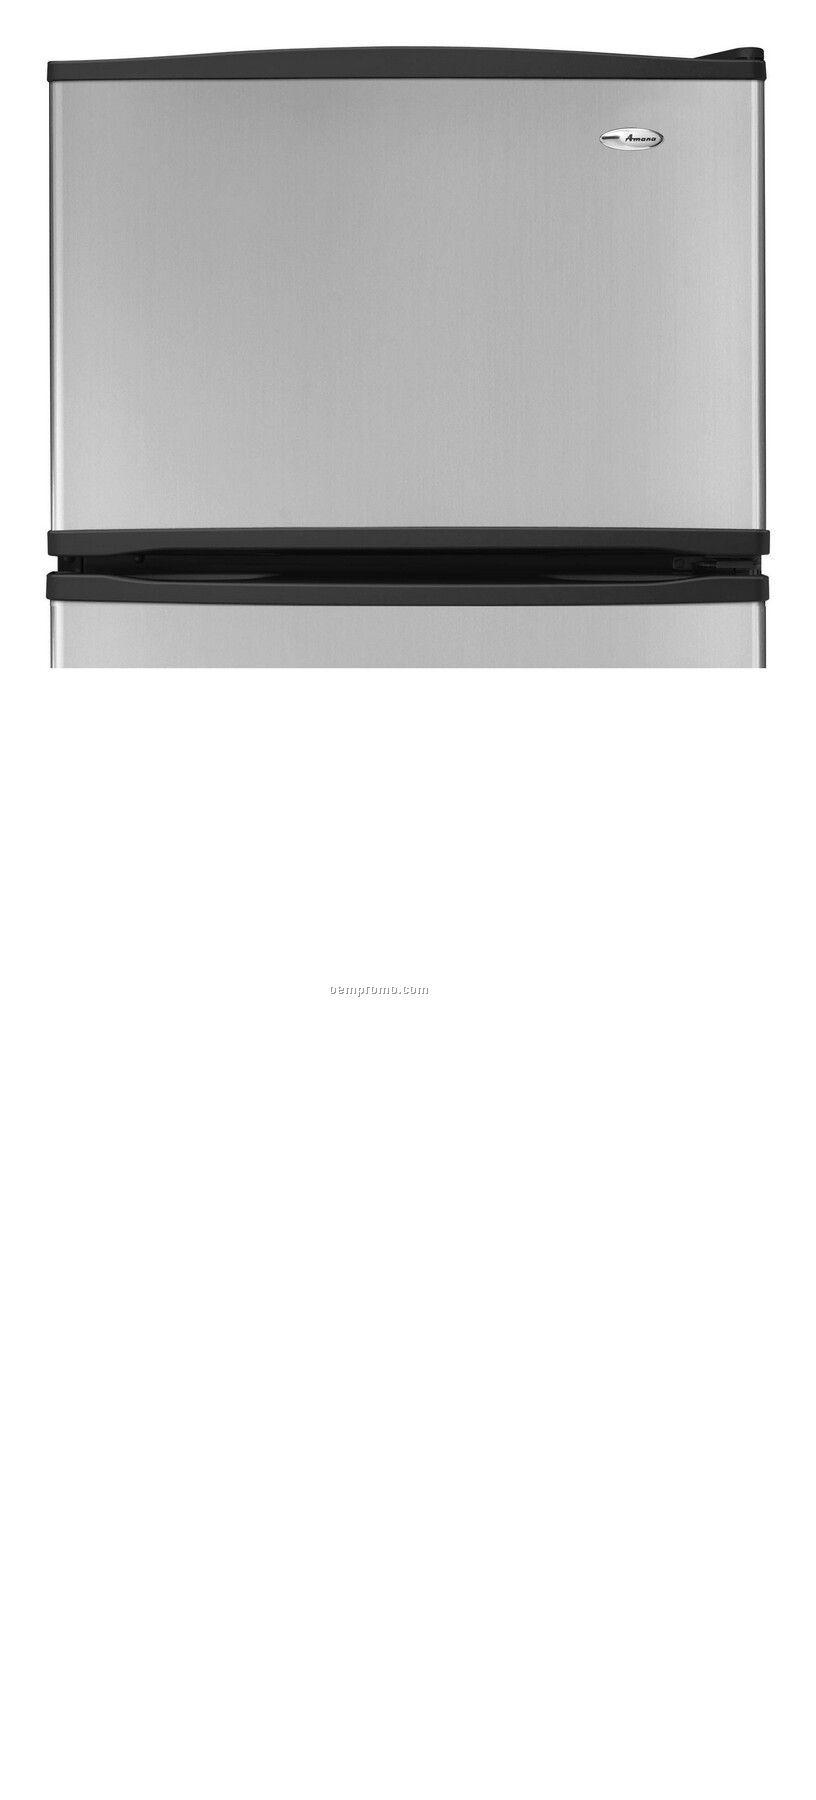 Amana Refrigerator: Amana Top Freezer Refrigerator